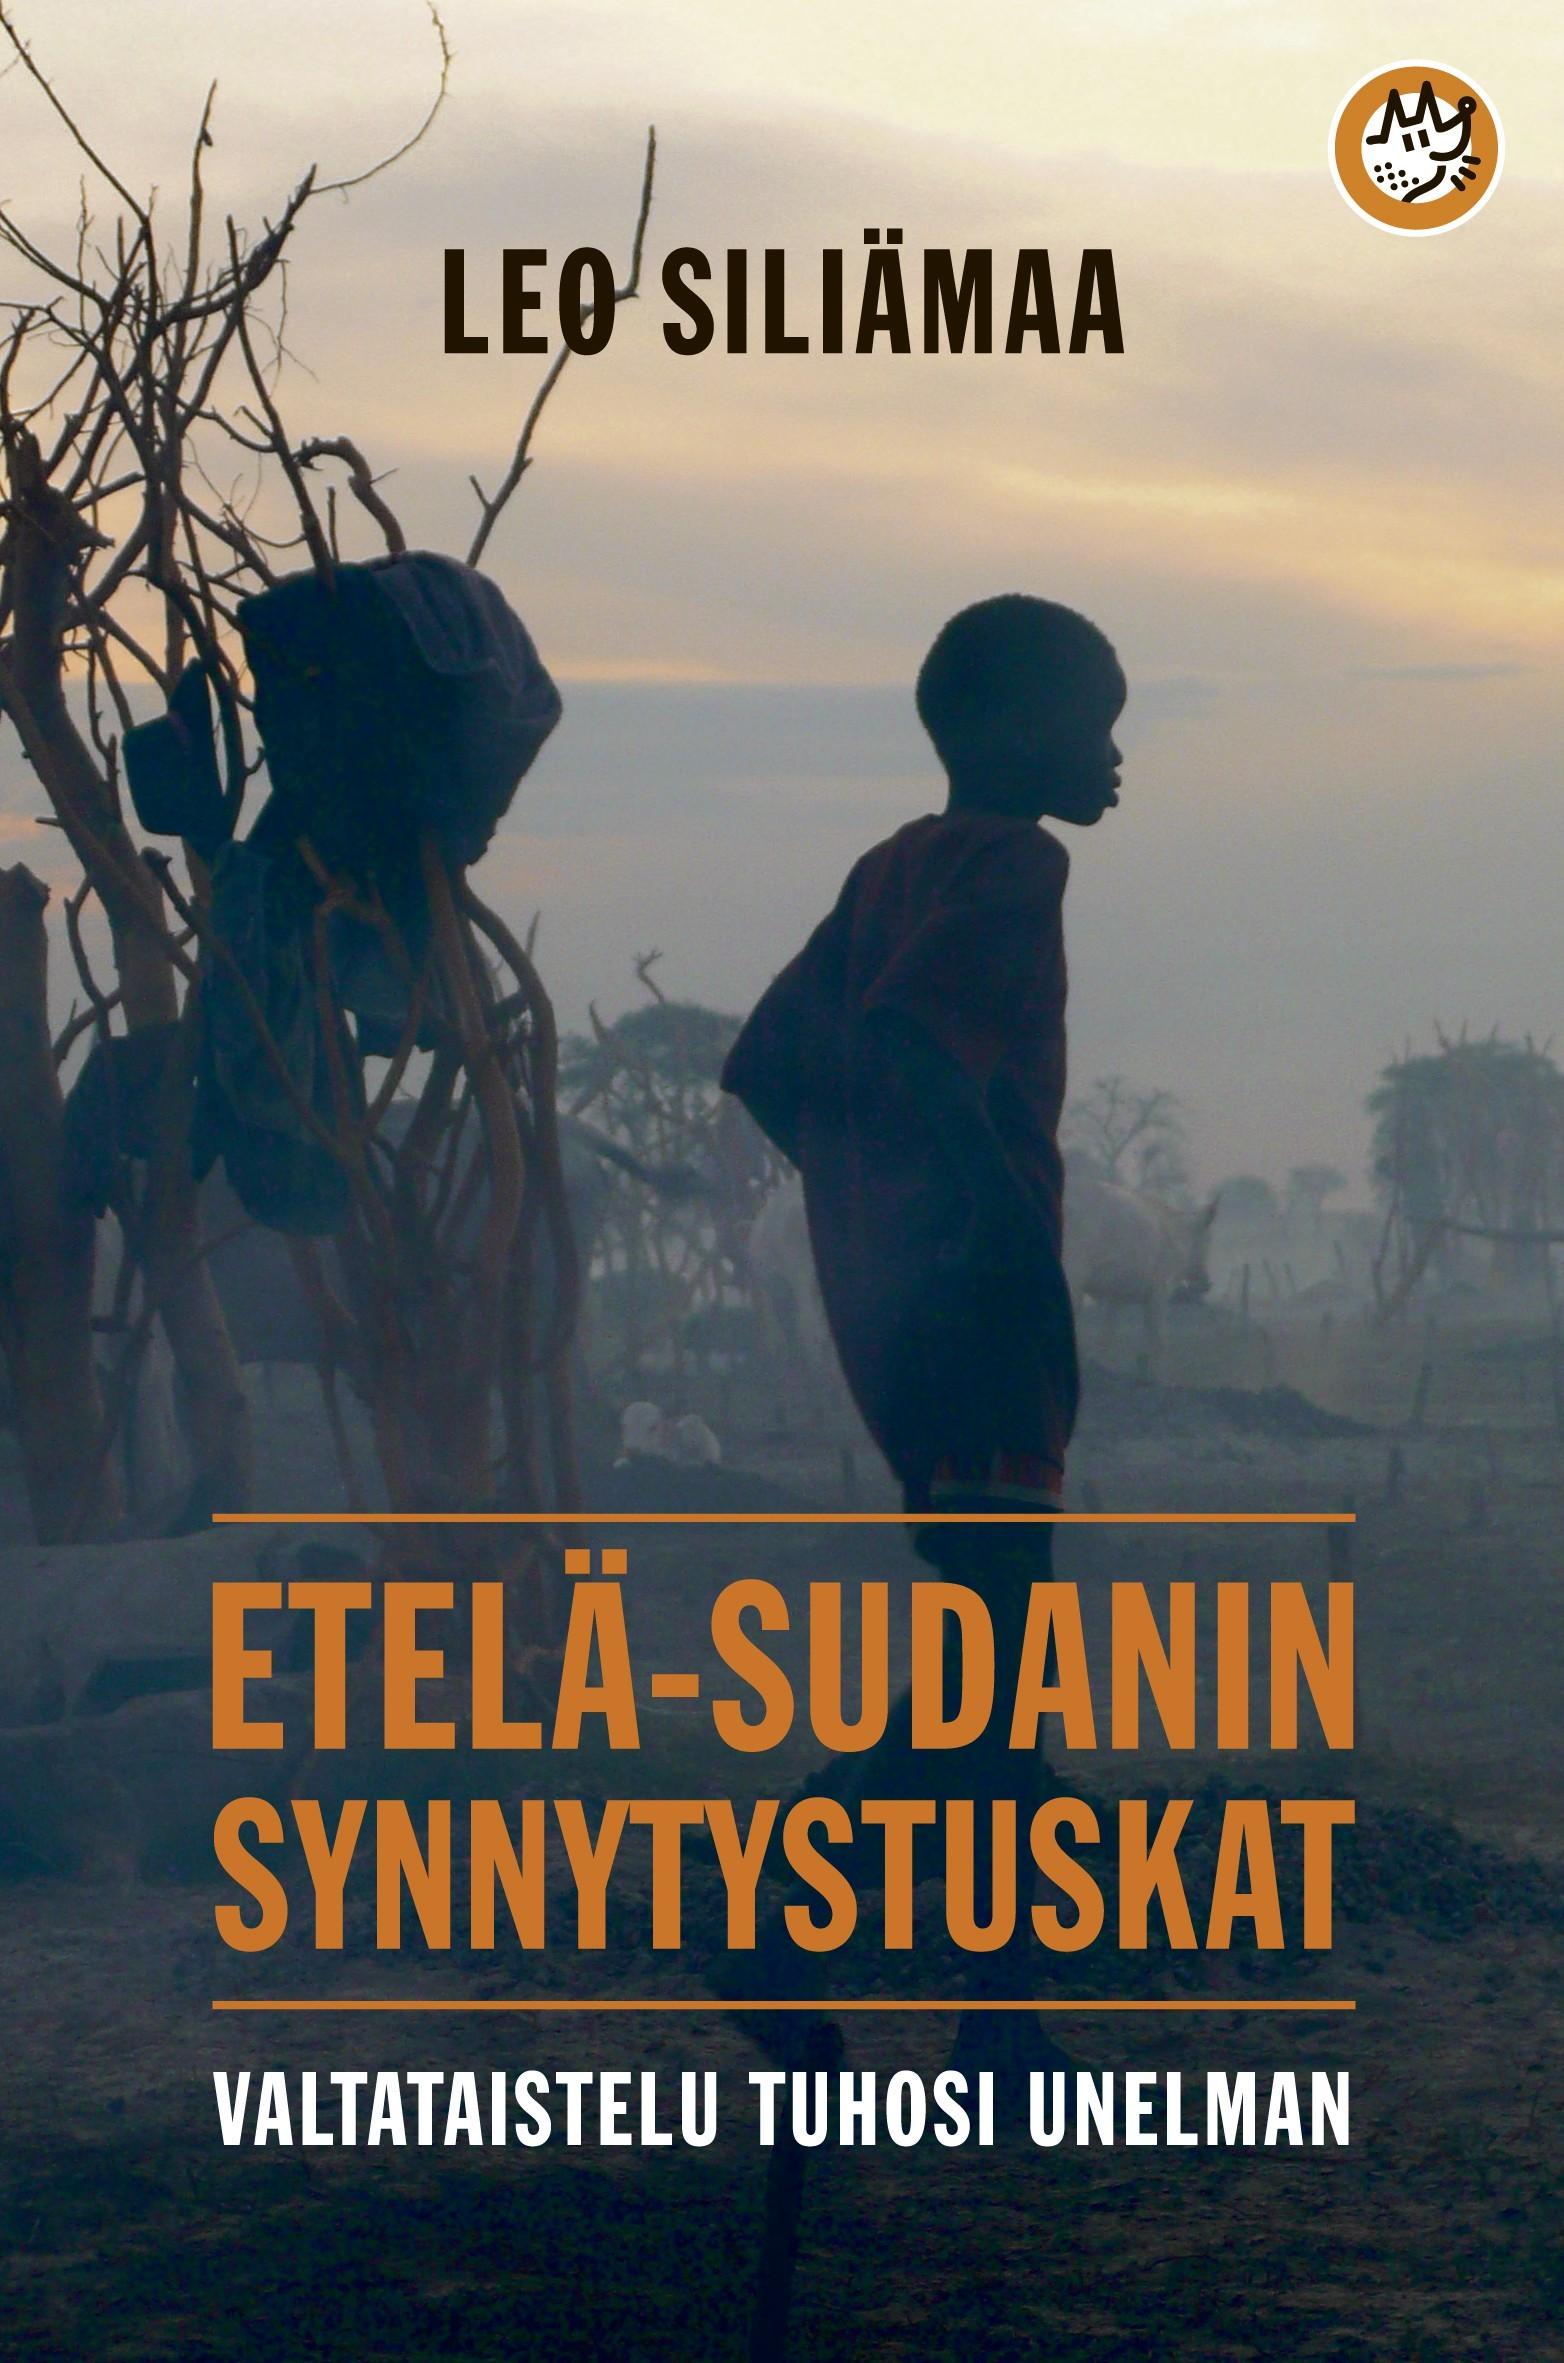 Rauhantekijä: Rauhallinen realisti Leo Siliämaa